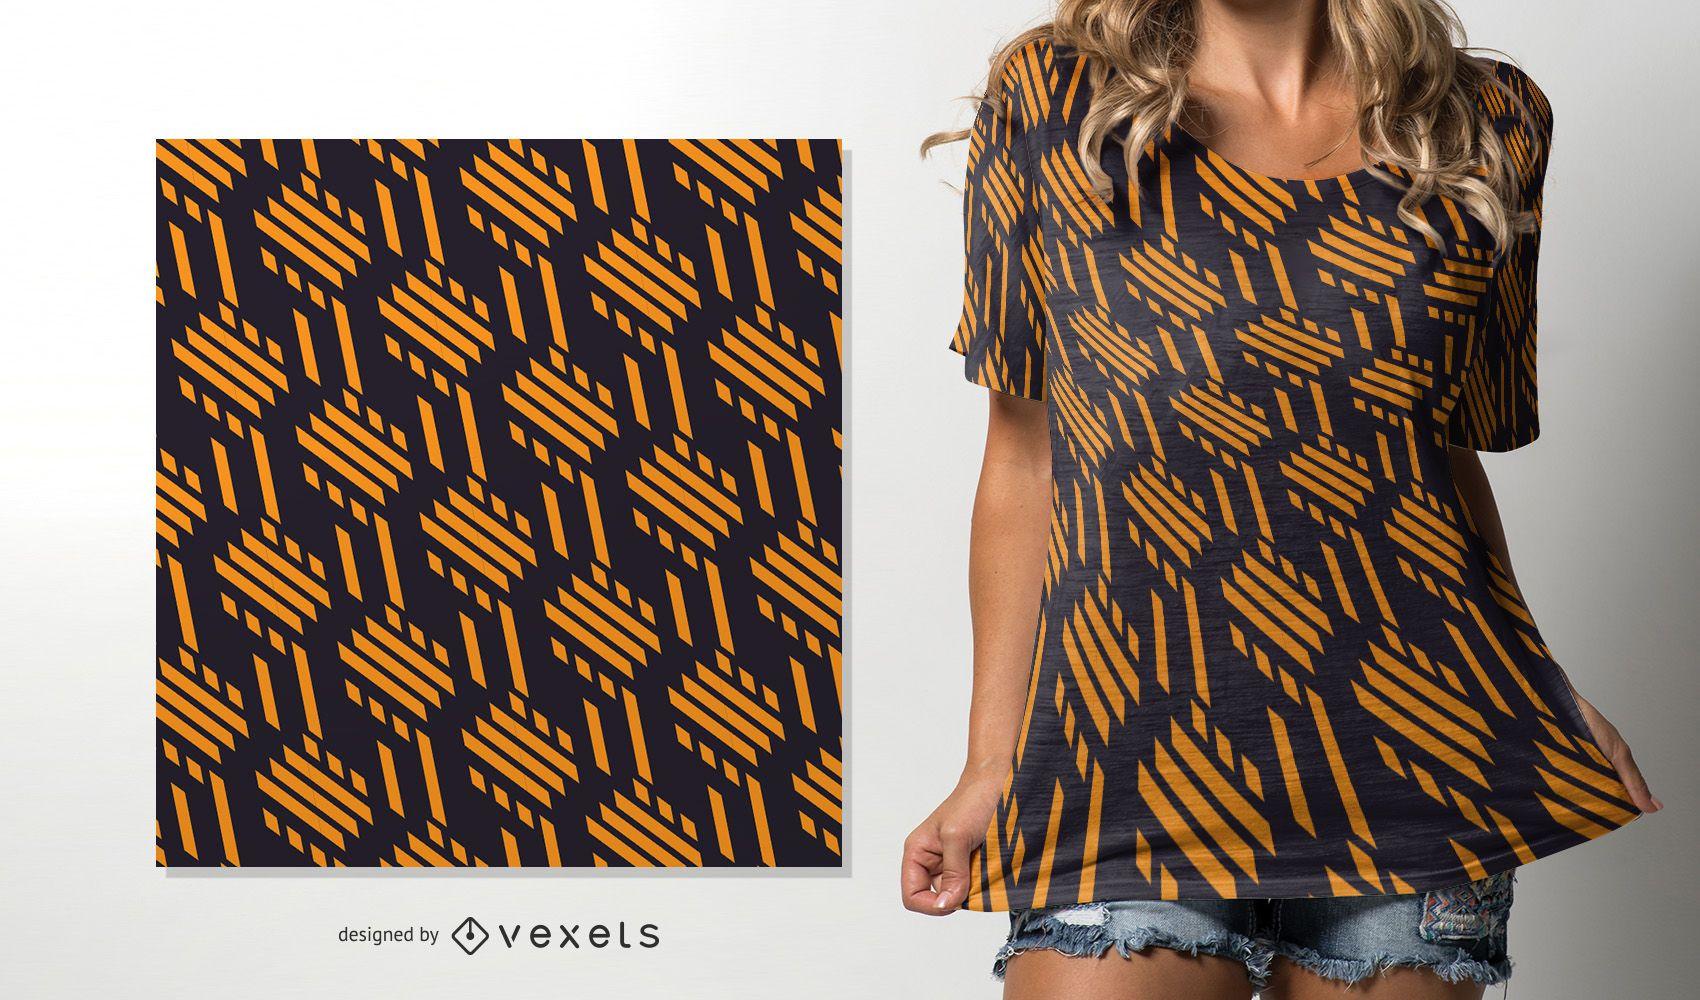 Patrón africano transparente de líneas amarillas